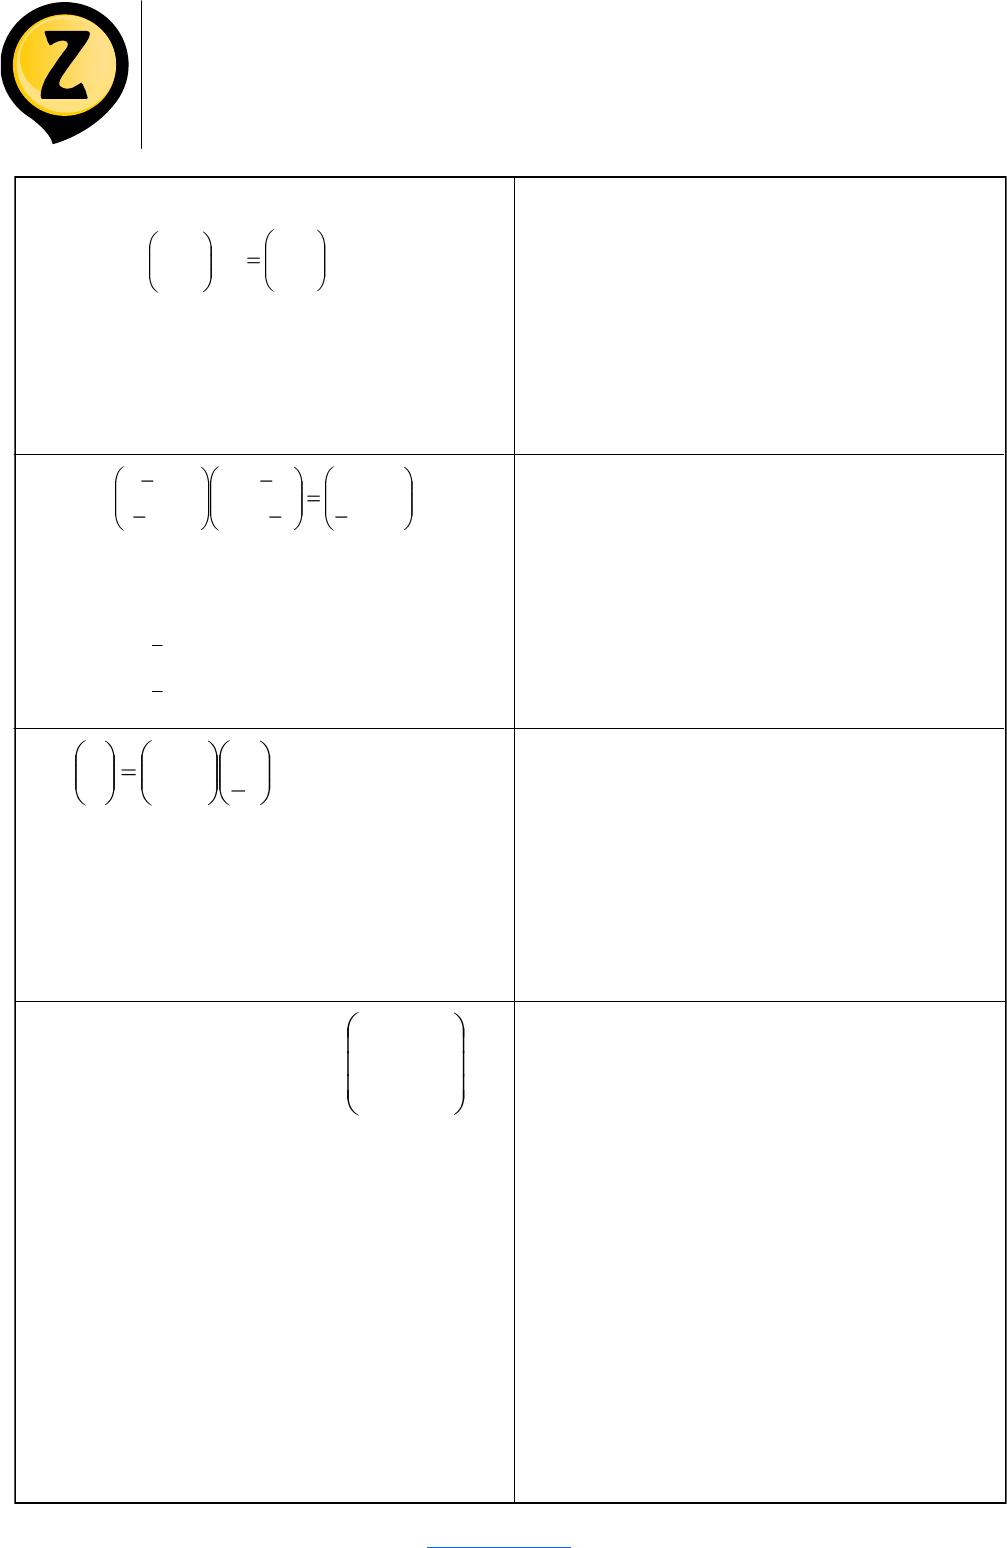 30+ Contoh Soal Matriks Zenius - Kumpulan Contoh Soal